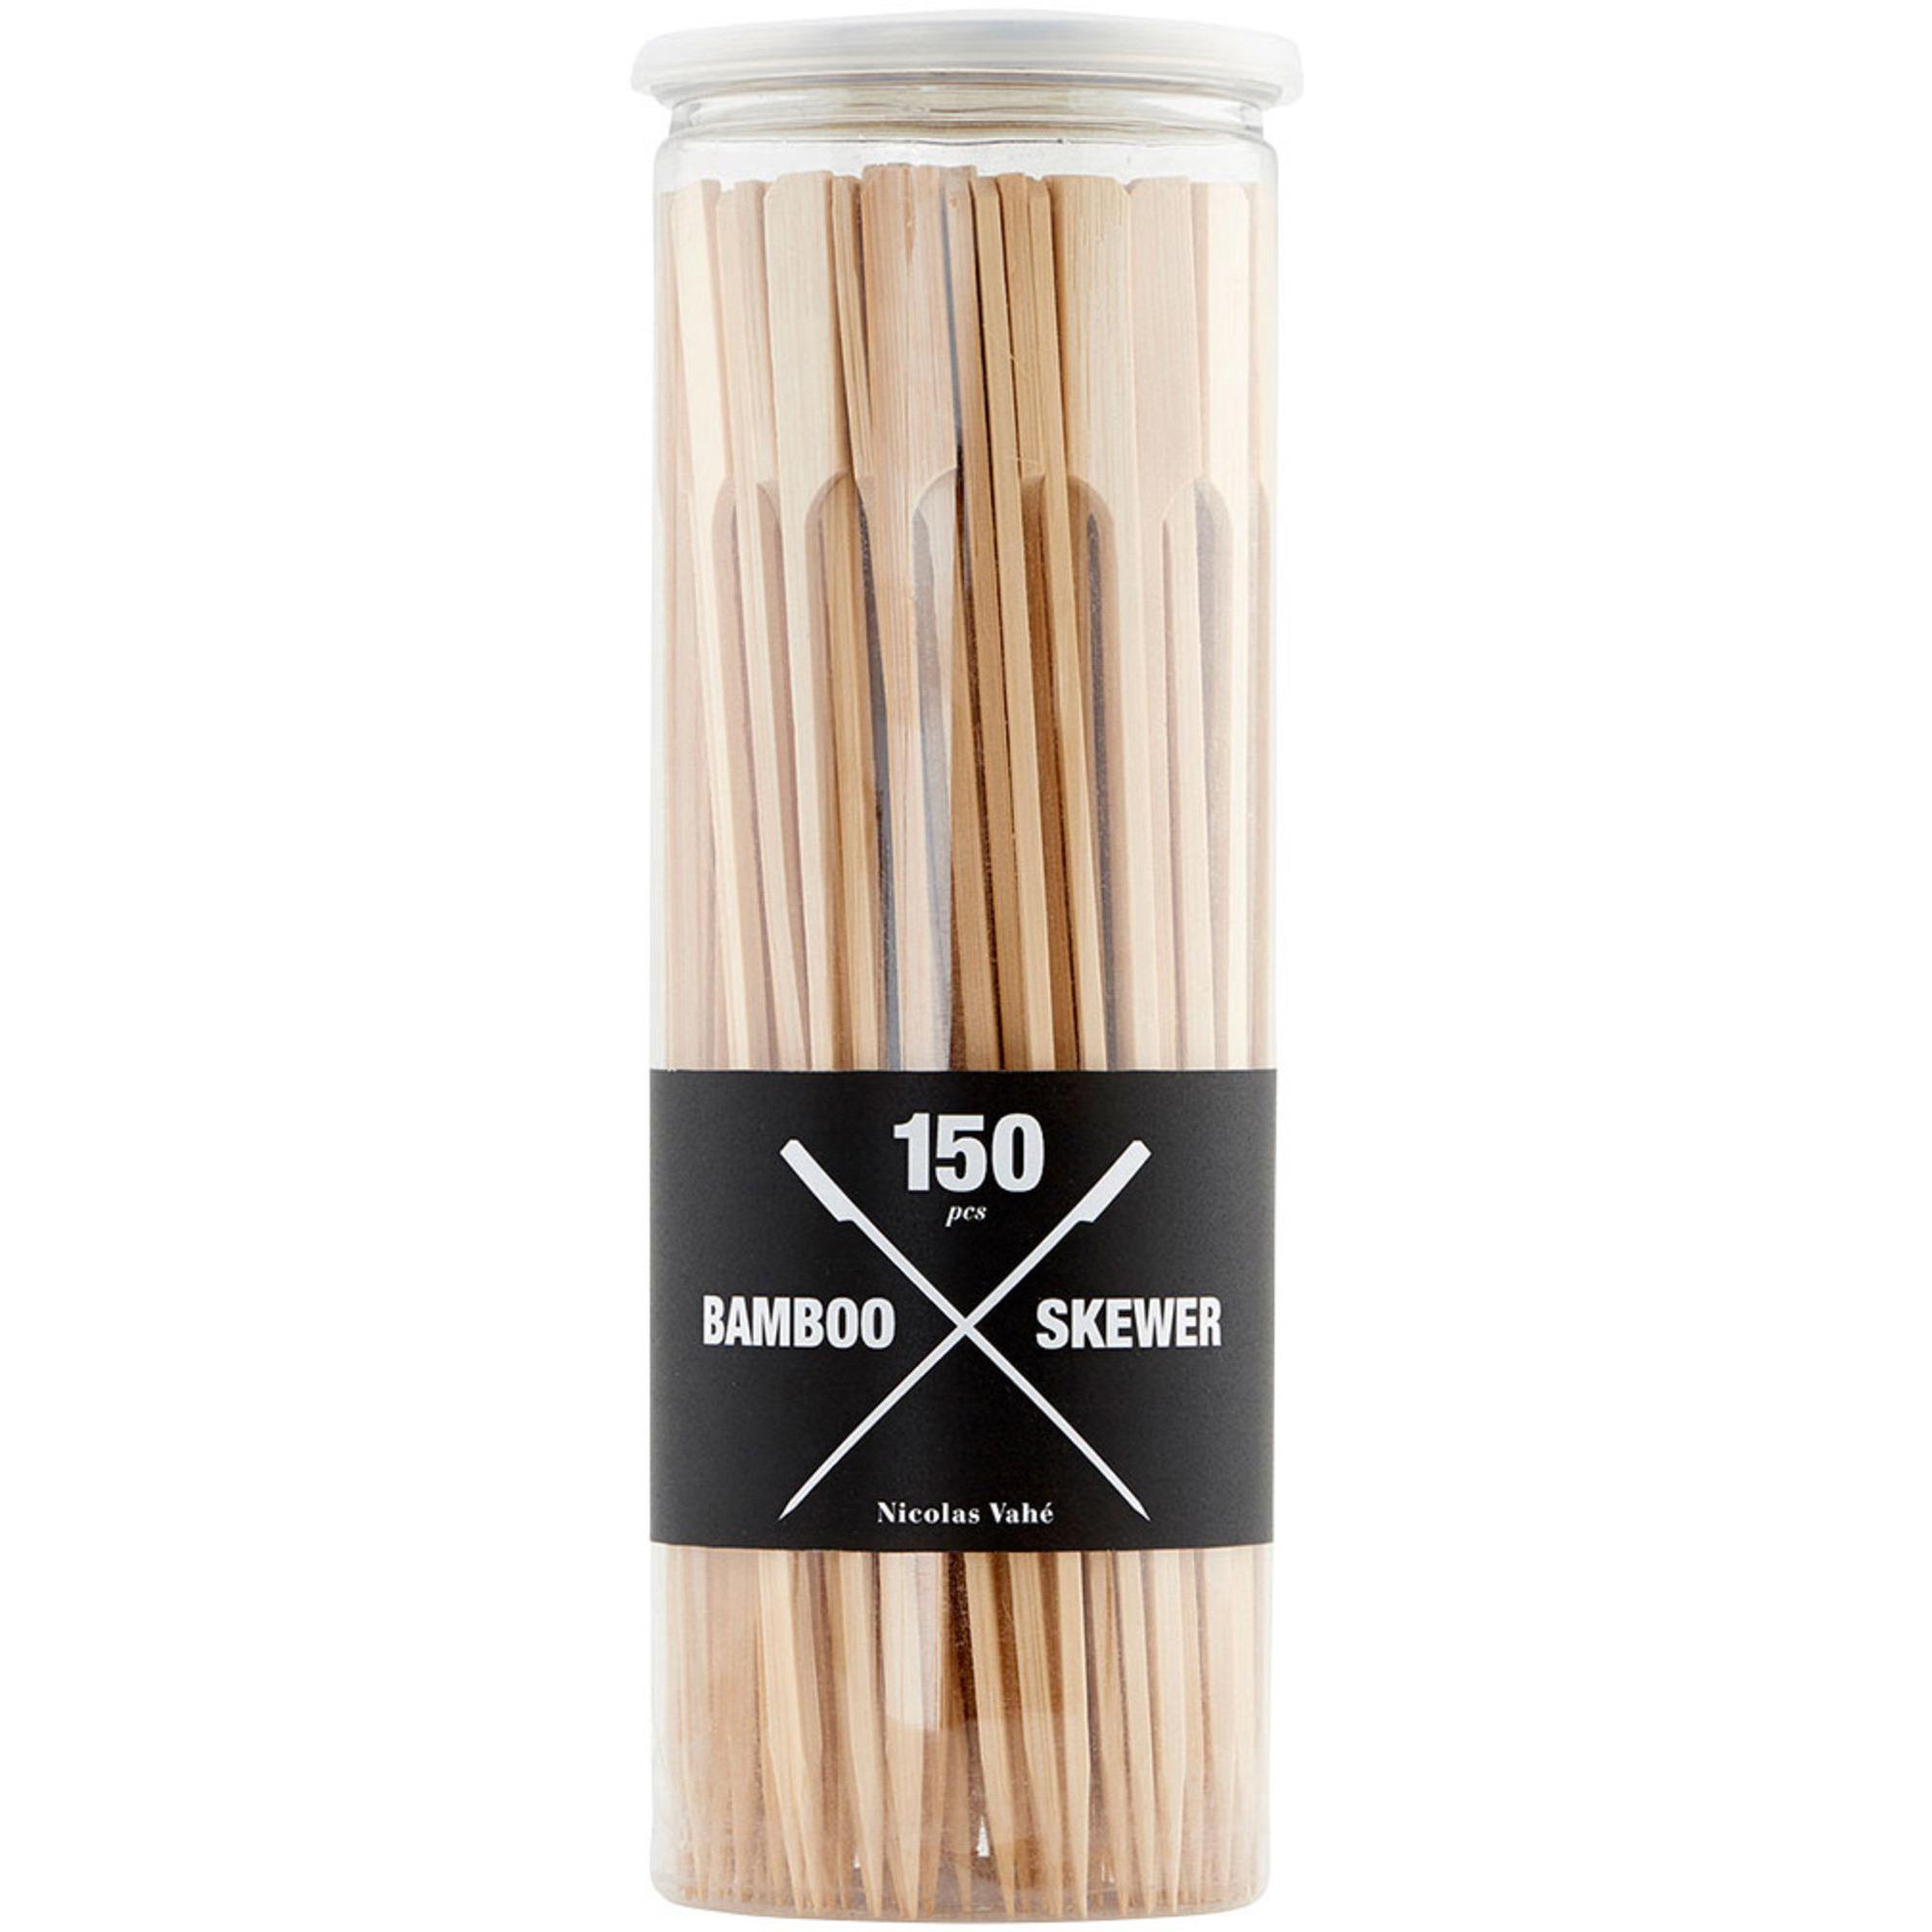 Nicolas Vahé Grillspett Bambu 150-pack